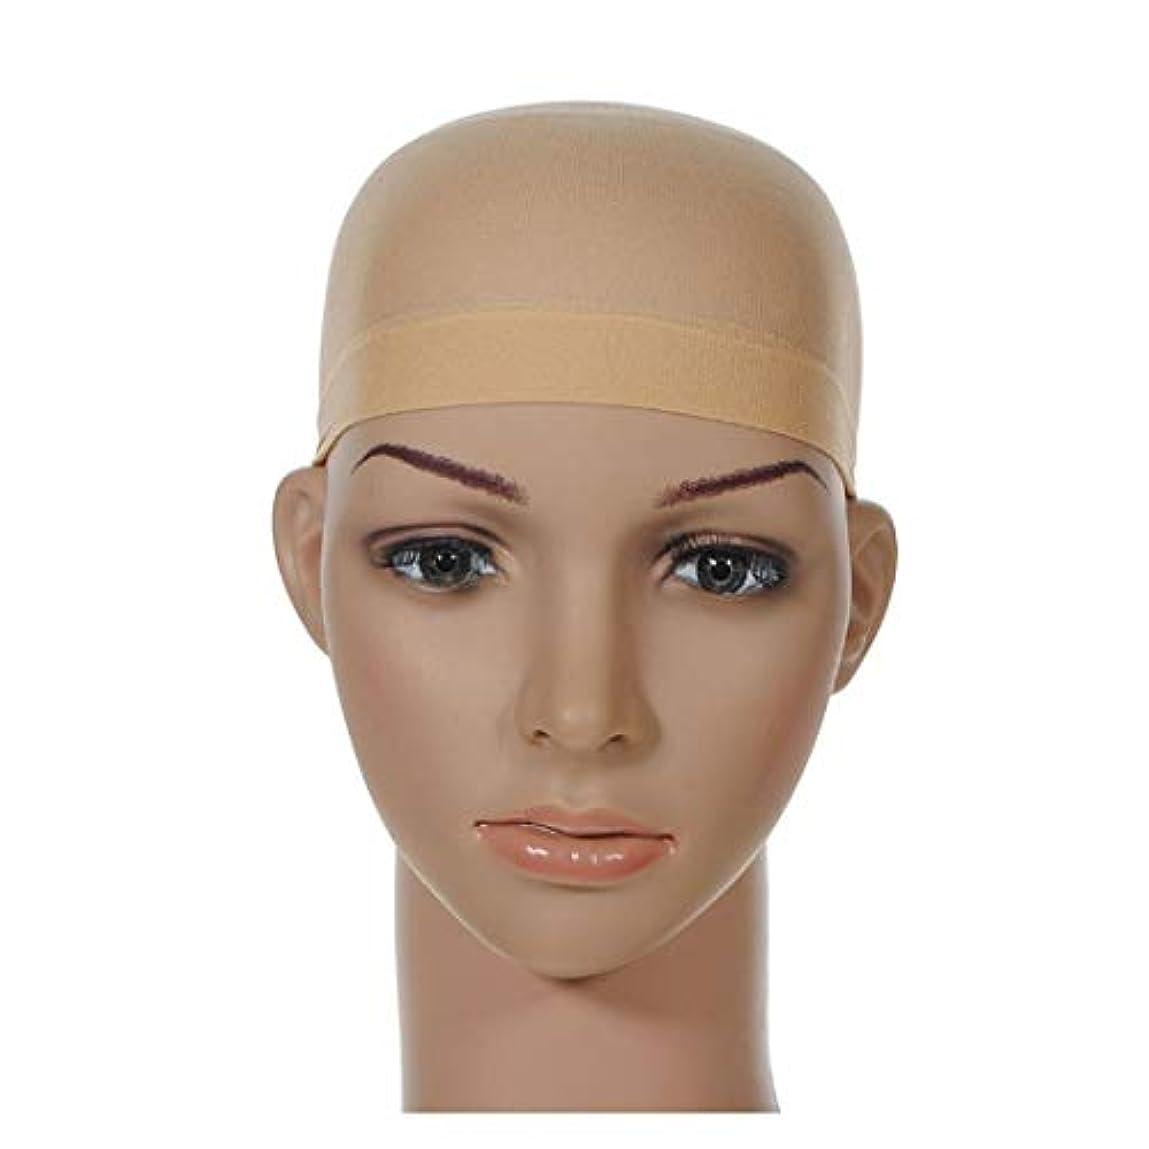 レンダリング咳かすれた女性のための新しい高弾性ストッキングウィッグキャップメッシュナチュラルヌード&ブラックウィッグキャップ ヘアケア (色 : B-flesh)